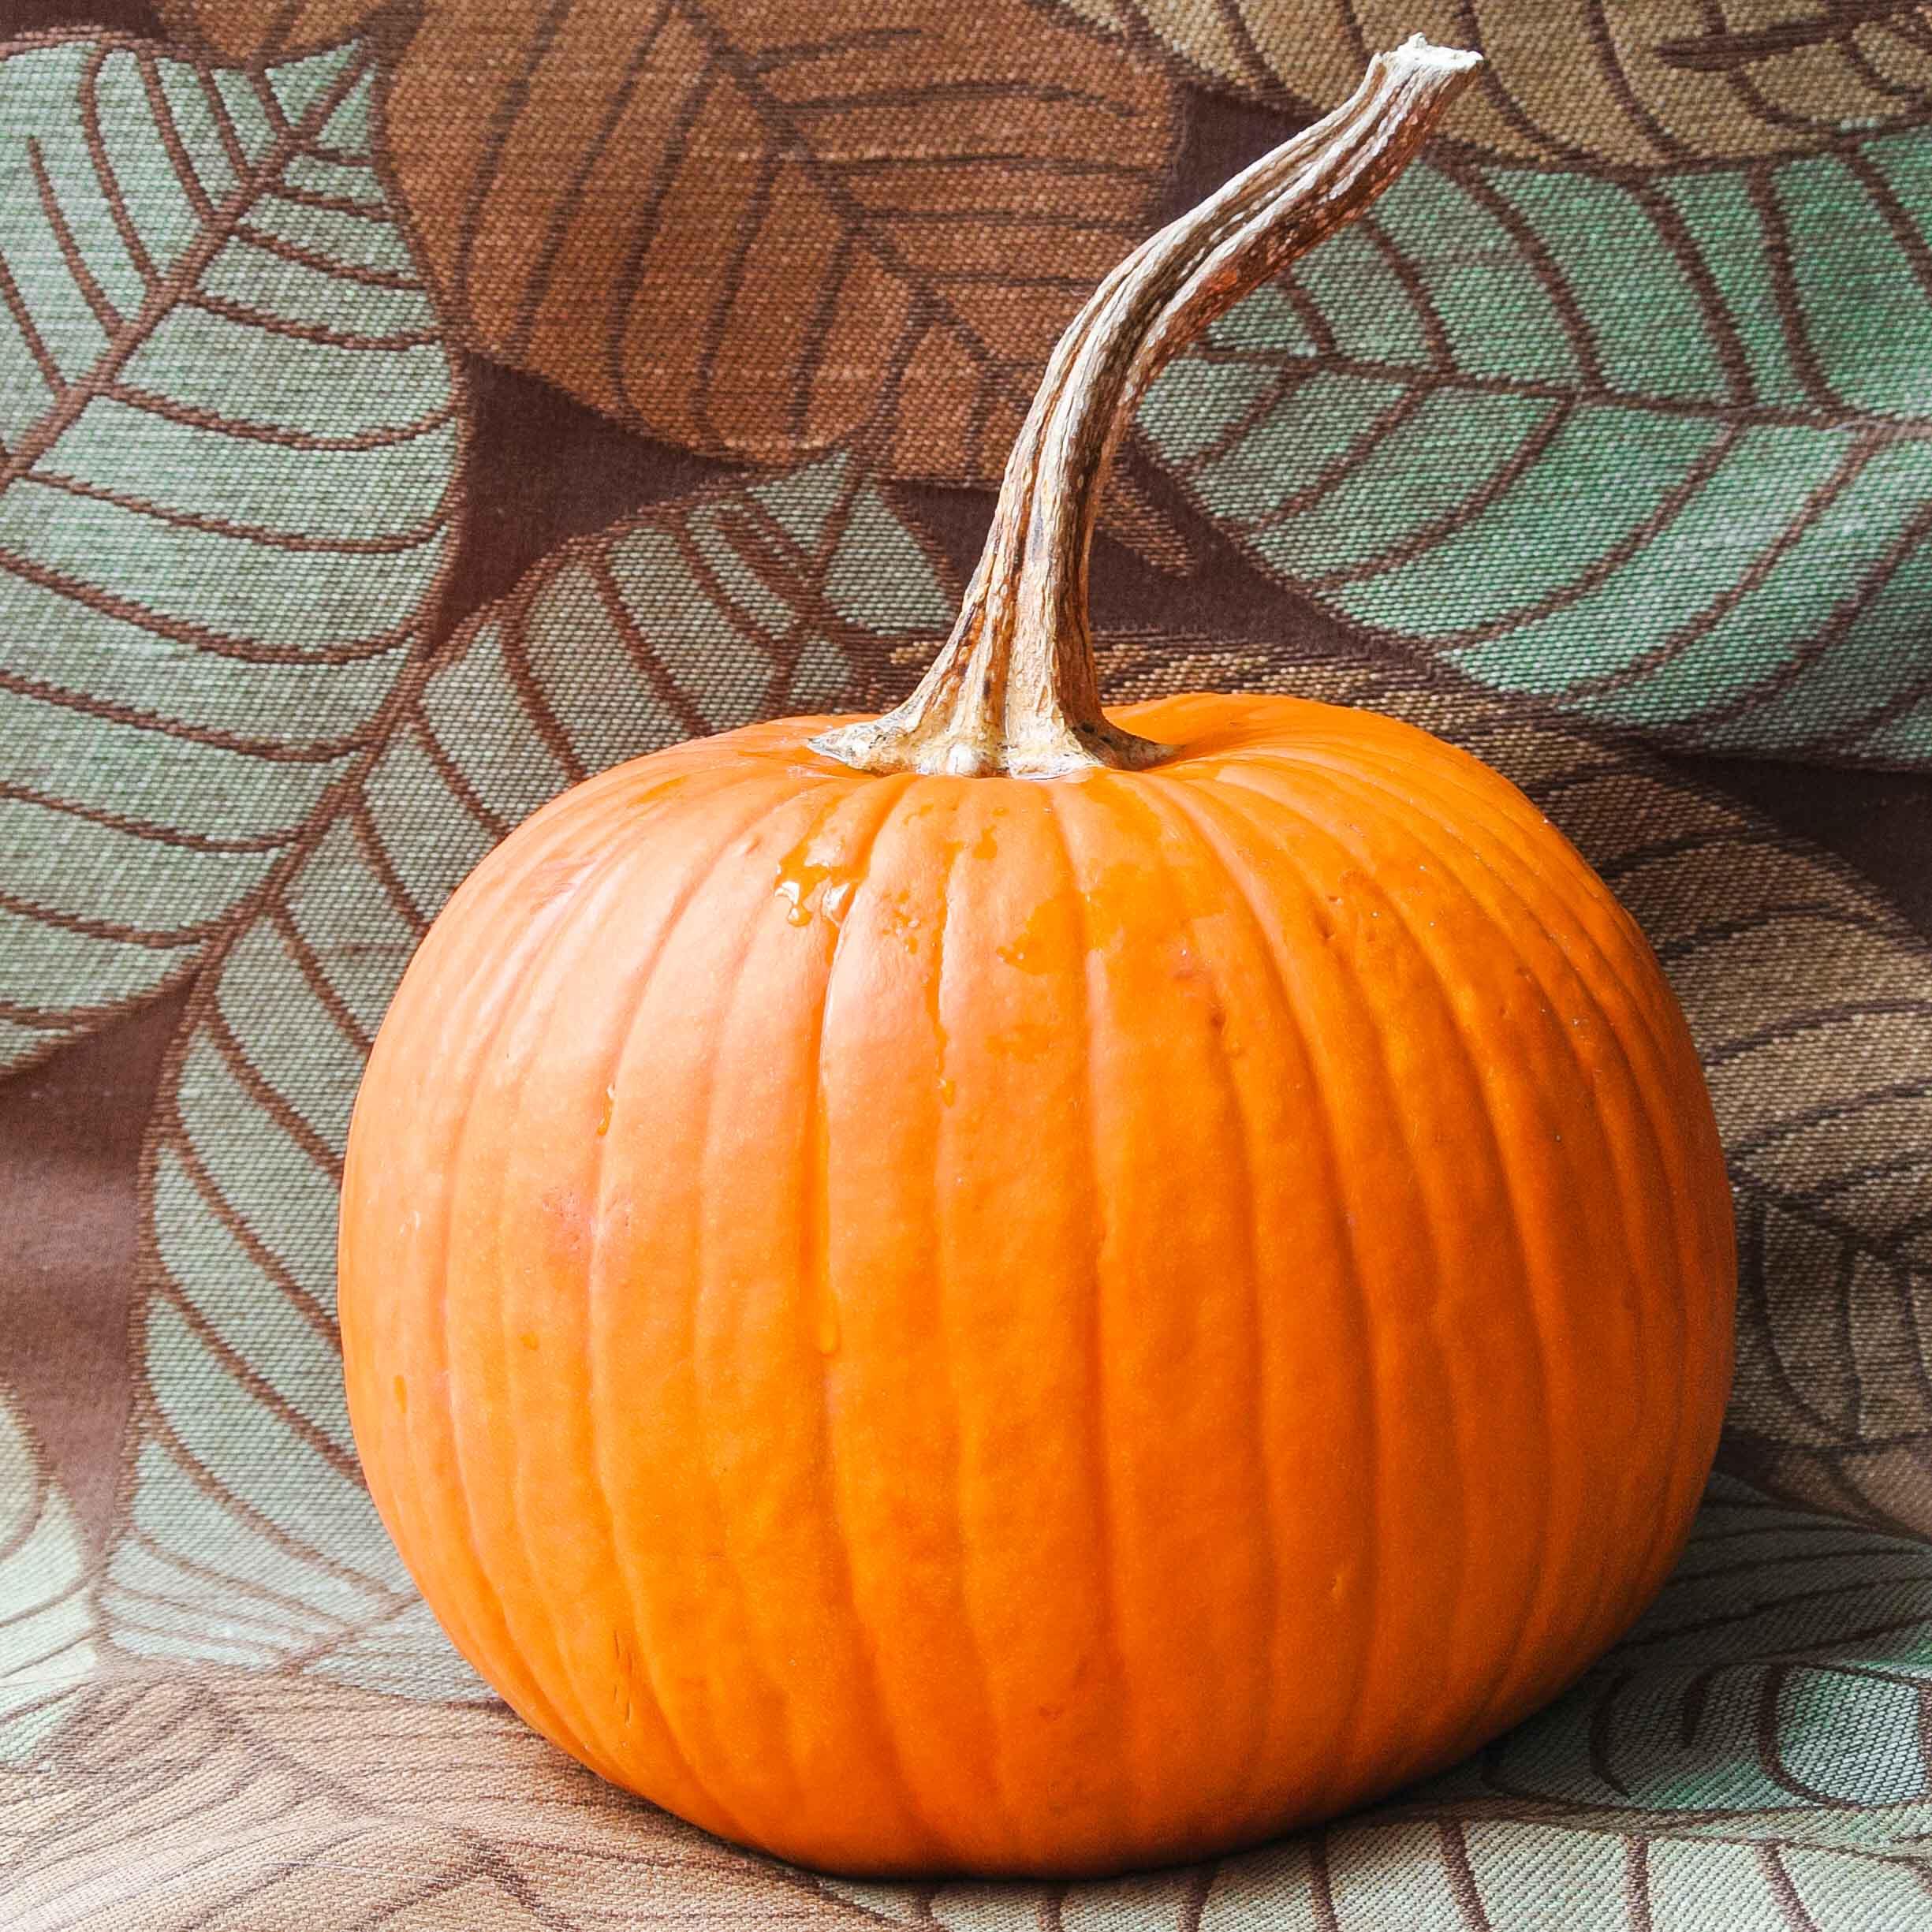 How To: Make Pumpkin Puree